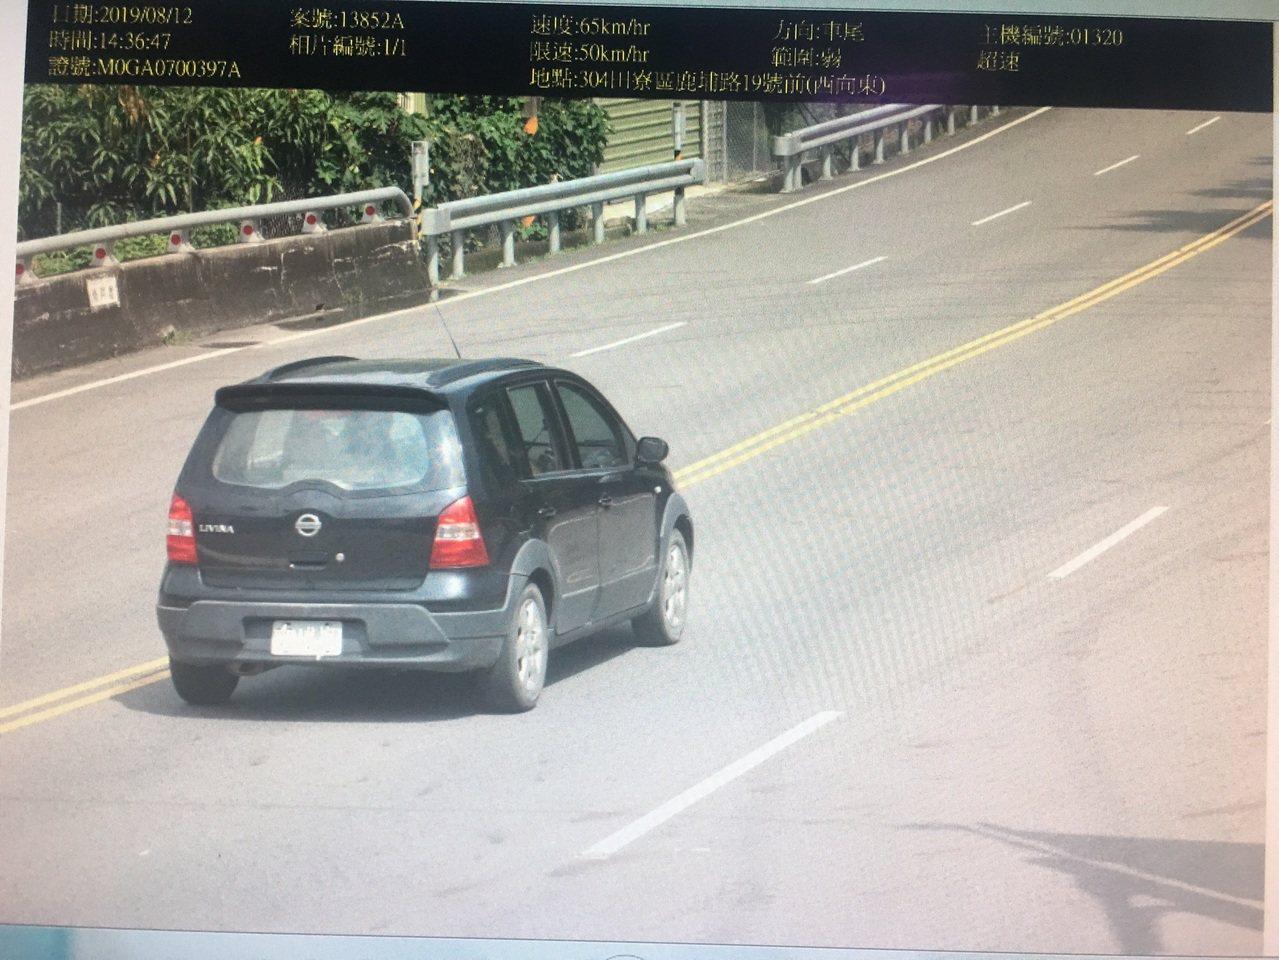 高雄市田寮區鹿埔路前測速相機,上半年開出9442張罰單,成為測速相機中的「搶錢王...